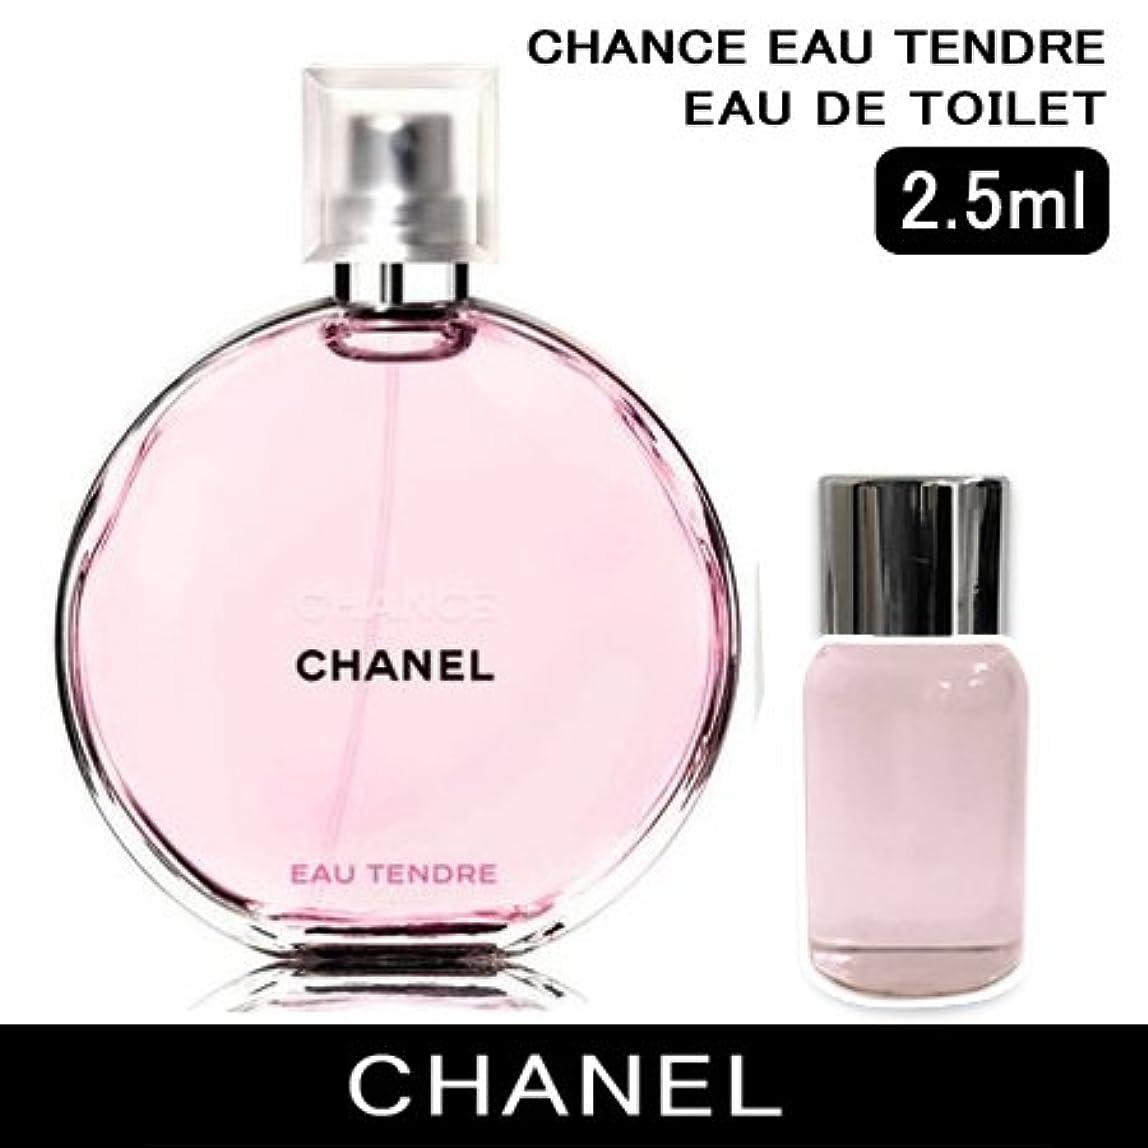 十分な誇りに思う薄めるシャネル(CHANEL) チャンス オー タンドゥル EDT 2.5ml (ミニチュア)[並行輸入品]